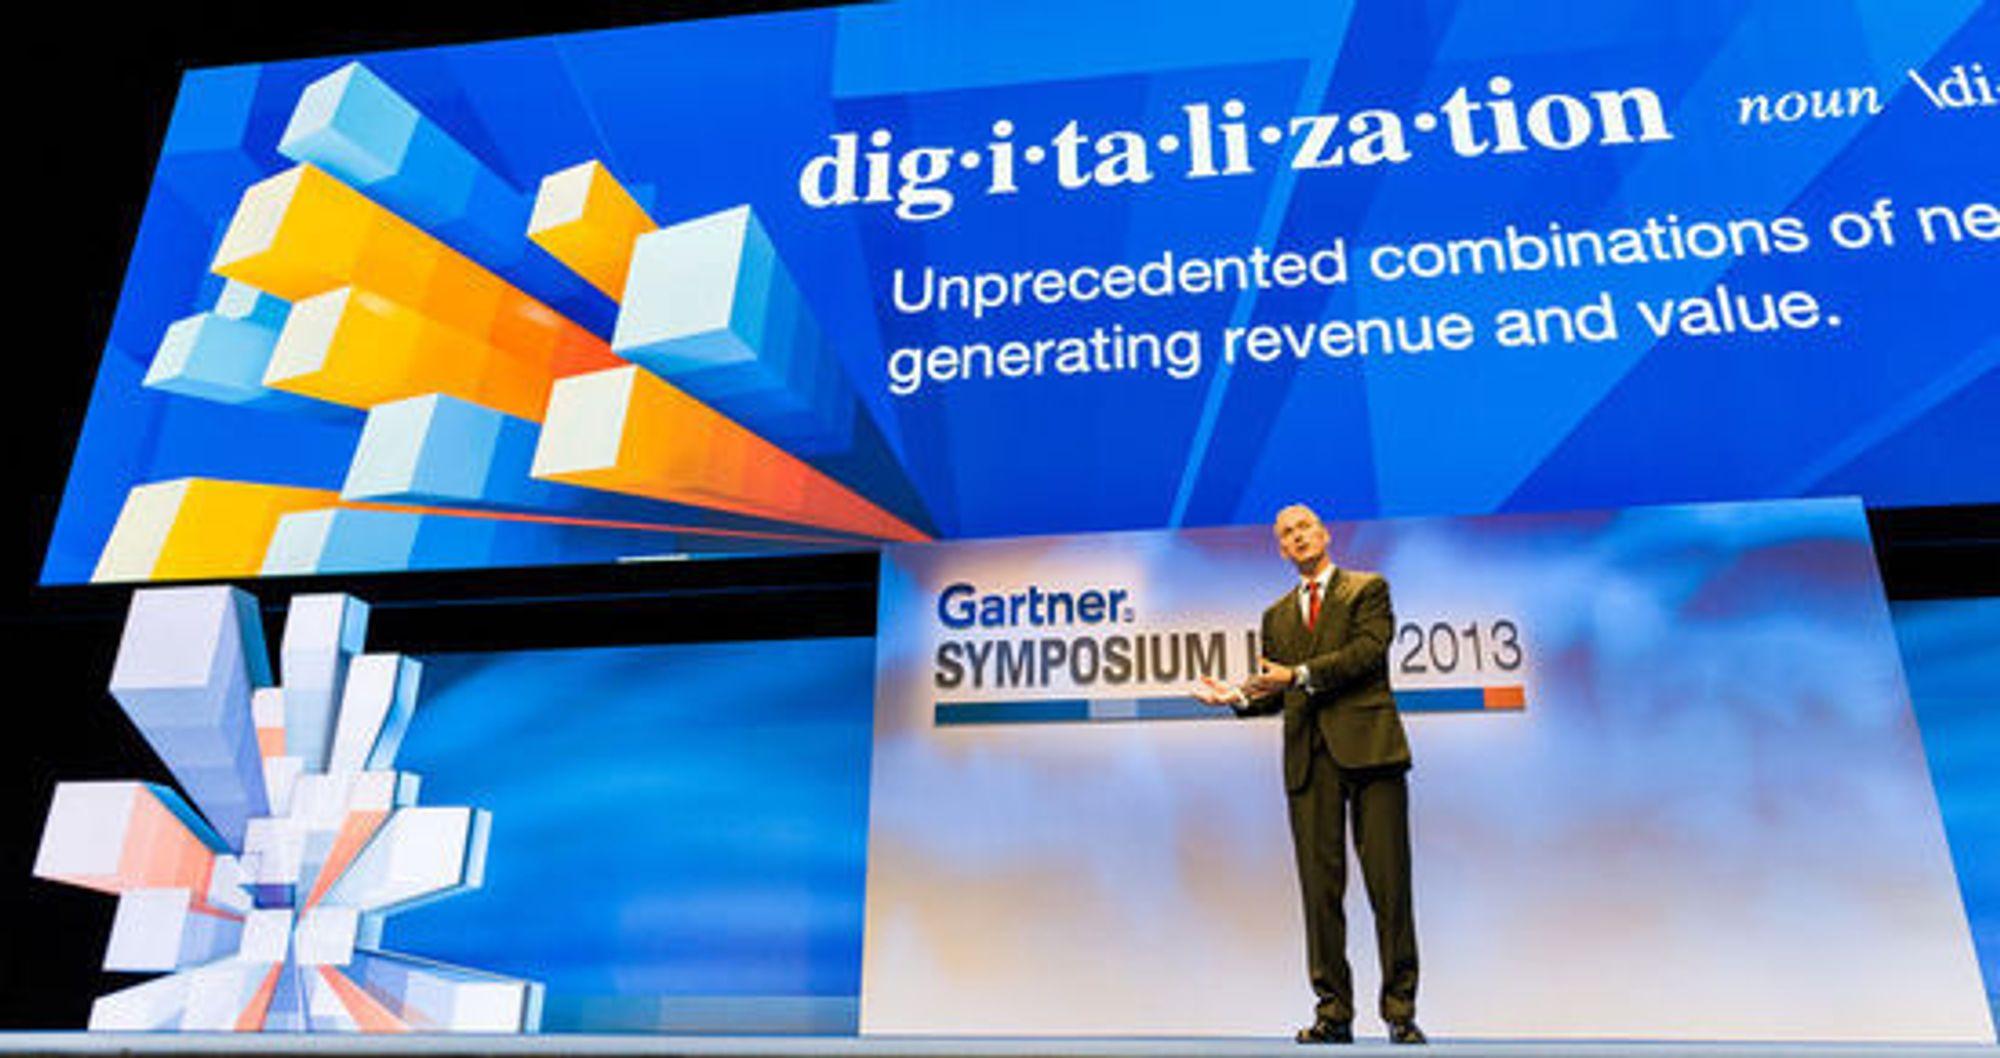 Ingen liker ordet digitalisering. Men det brukes flittig, og må defineres, ikke minst av Peter Sondergaard.